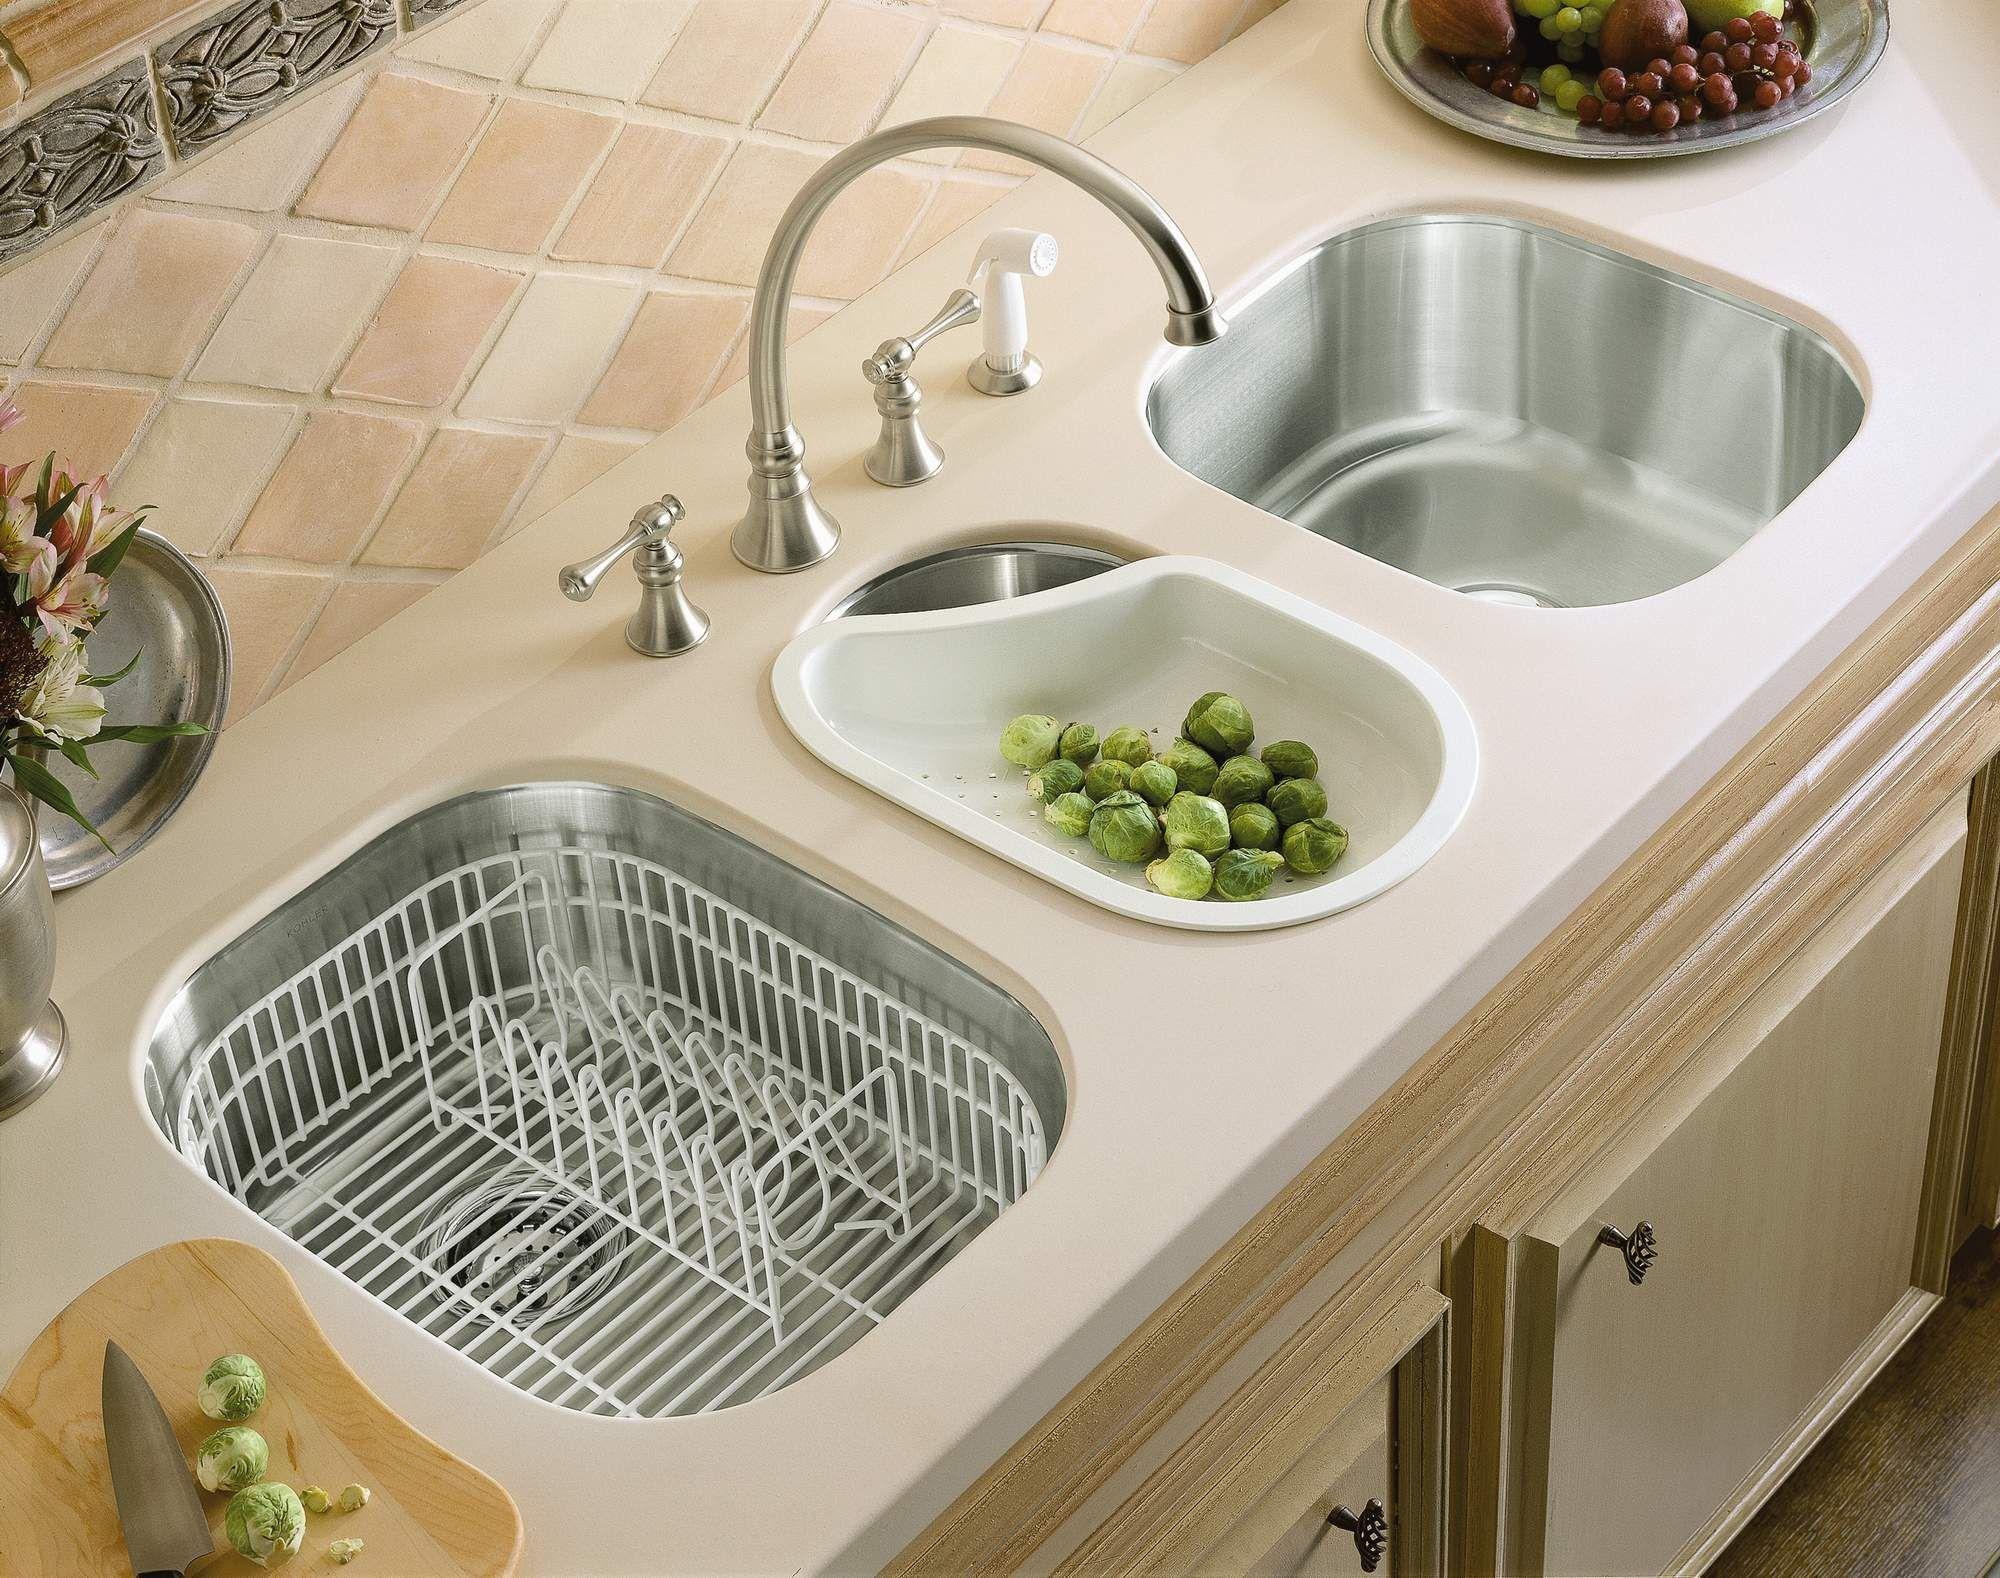 Sanitar Waschbecken Kuche Insel Edelstahl Wasserhahn Einzigartige Keramische Fliesen Backspla Kitchen Sink Design Kitchen Sink Accessories Kitchen Inspirations